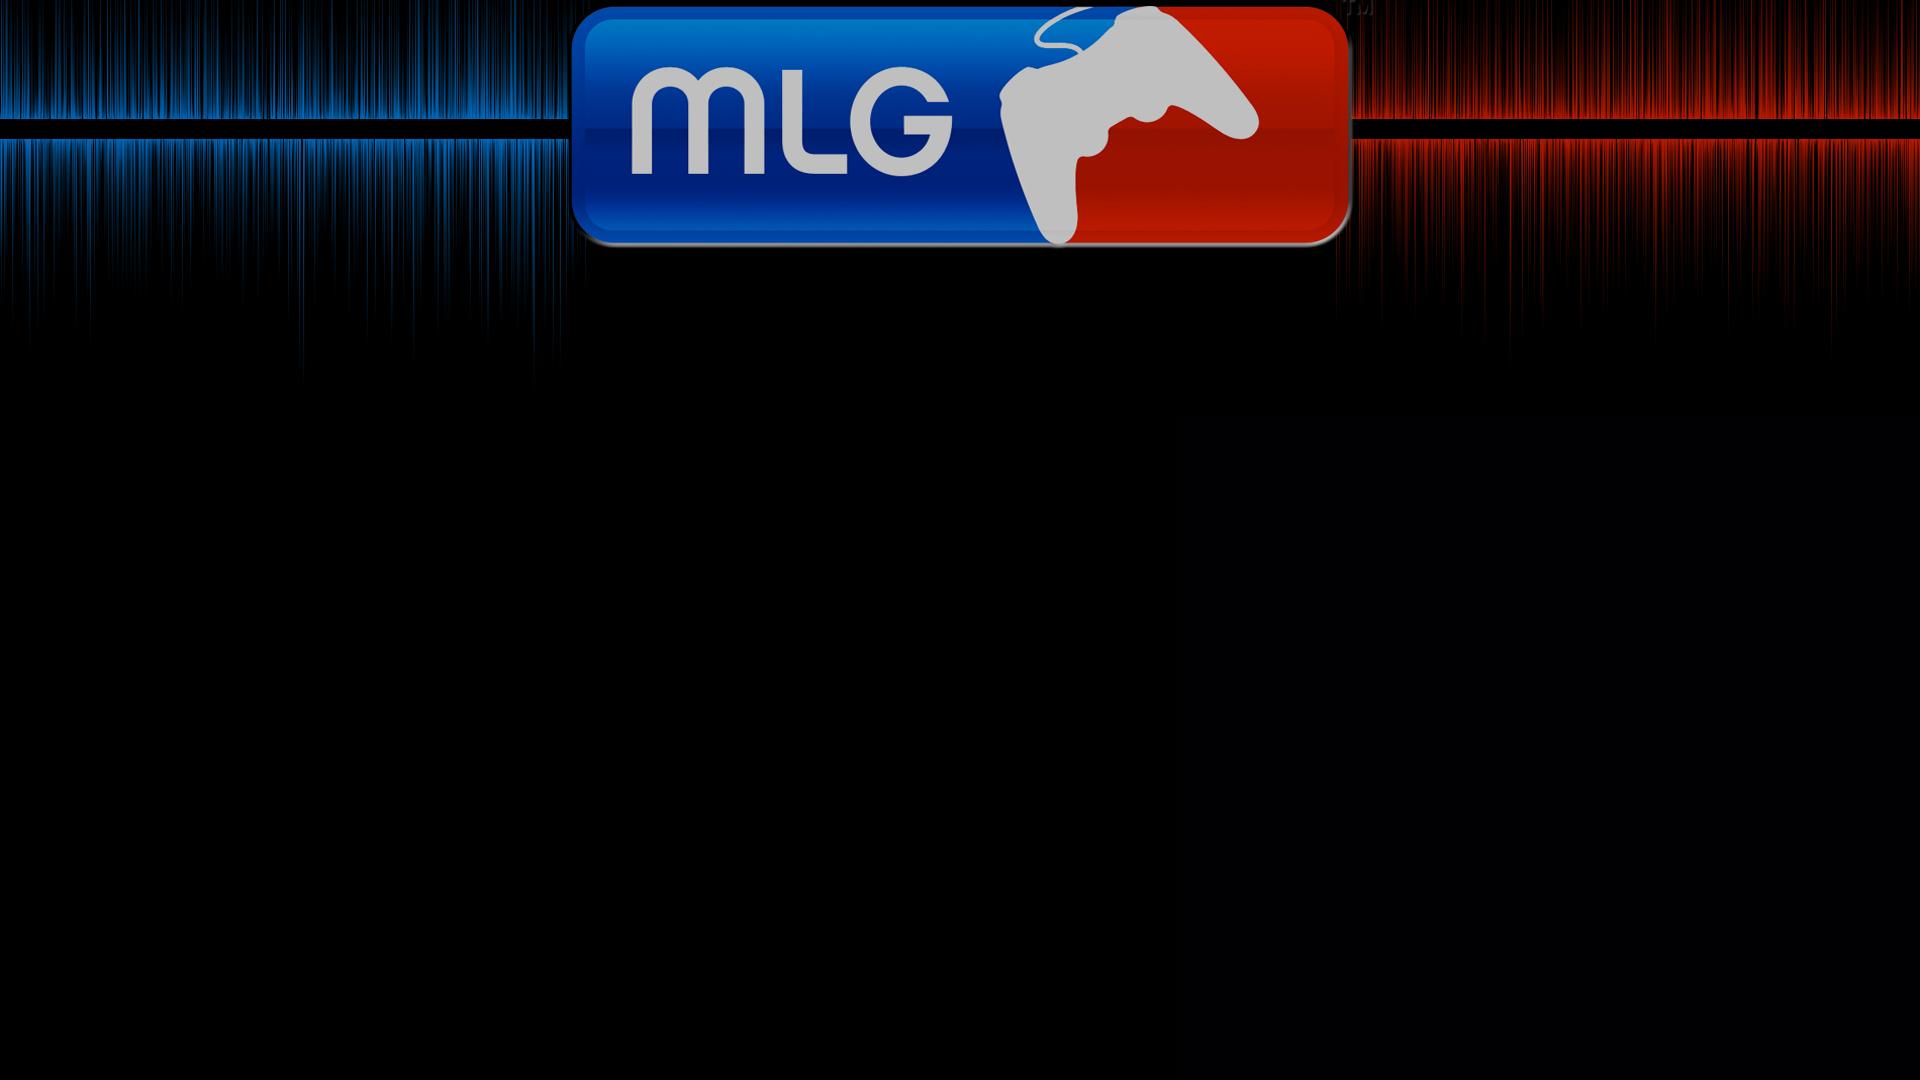 Mlg Wallpapers HD [1920x1080